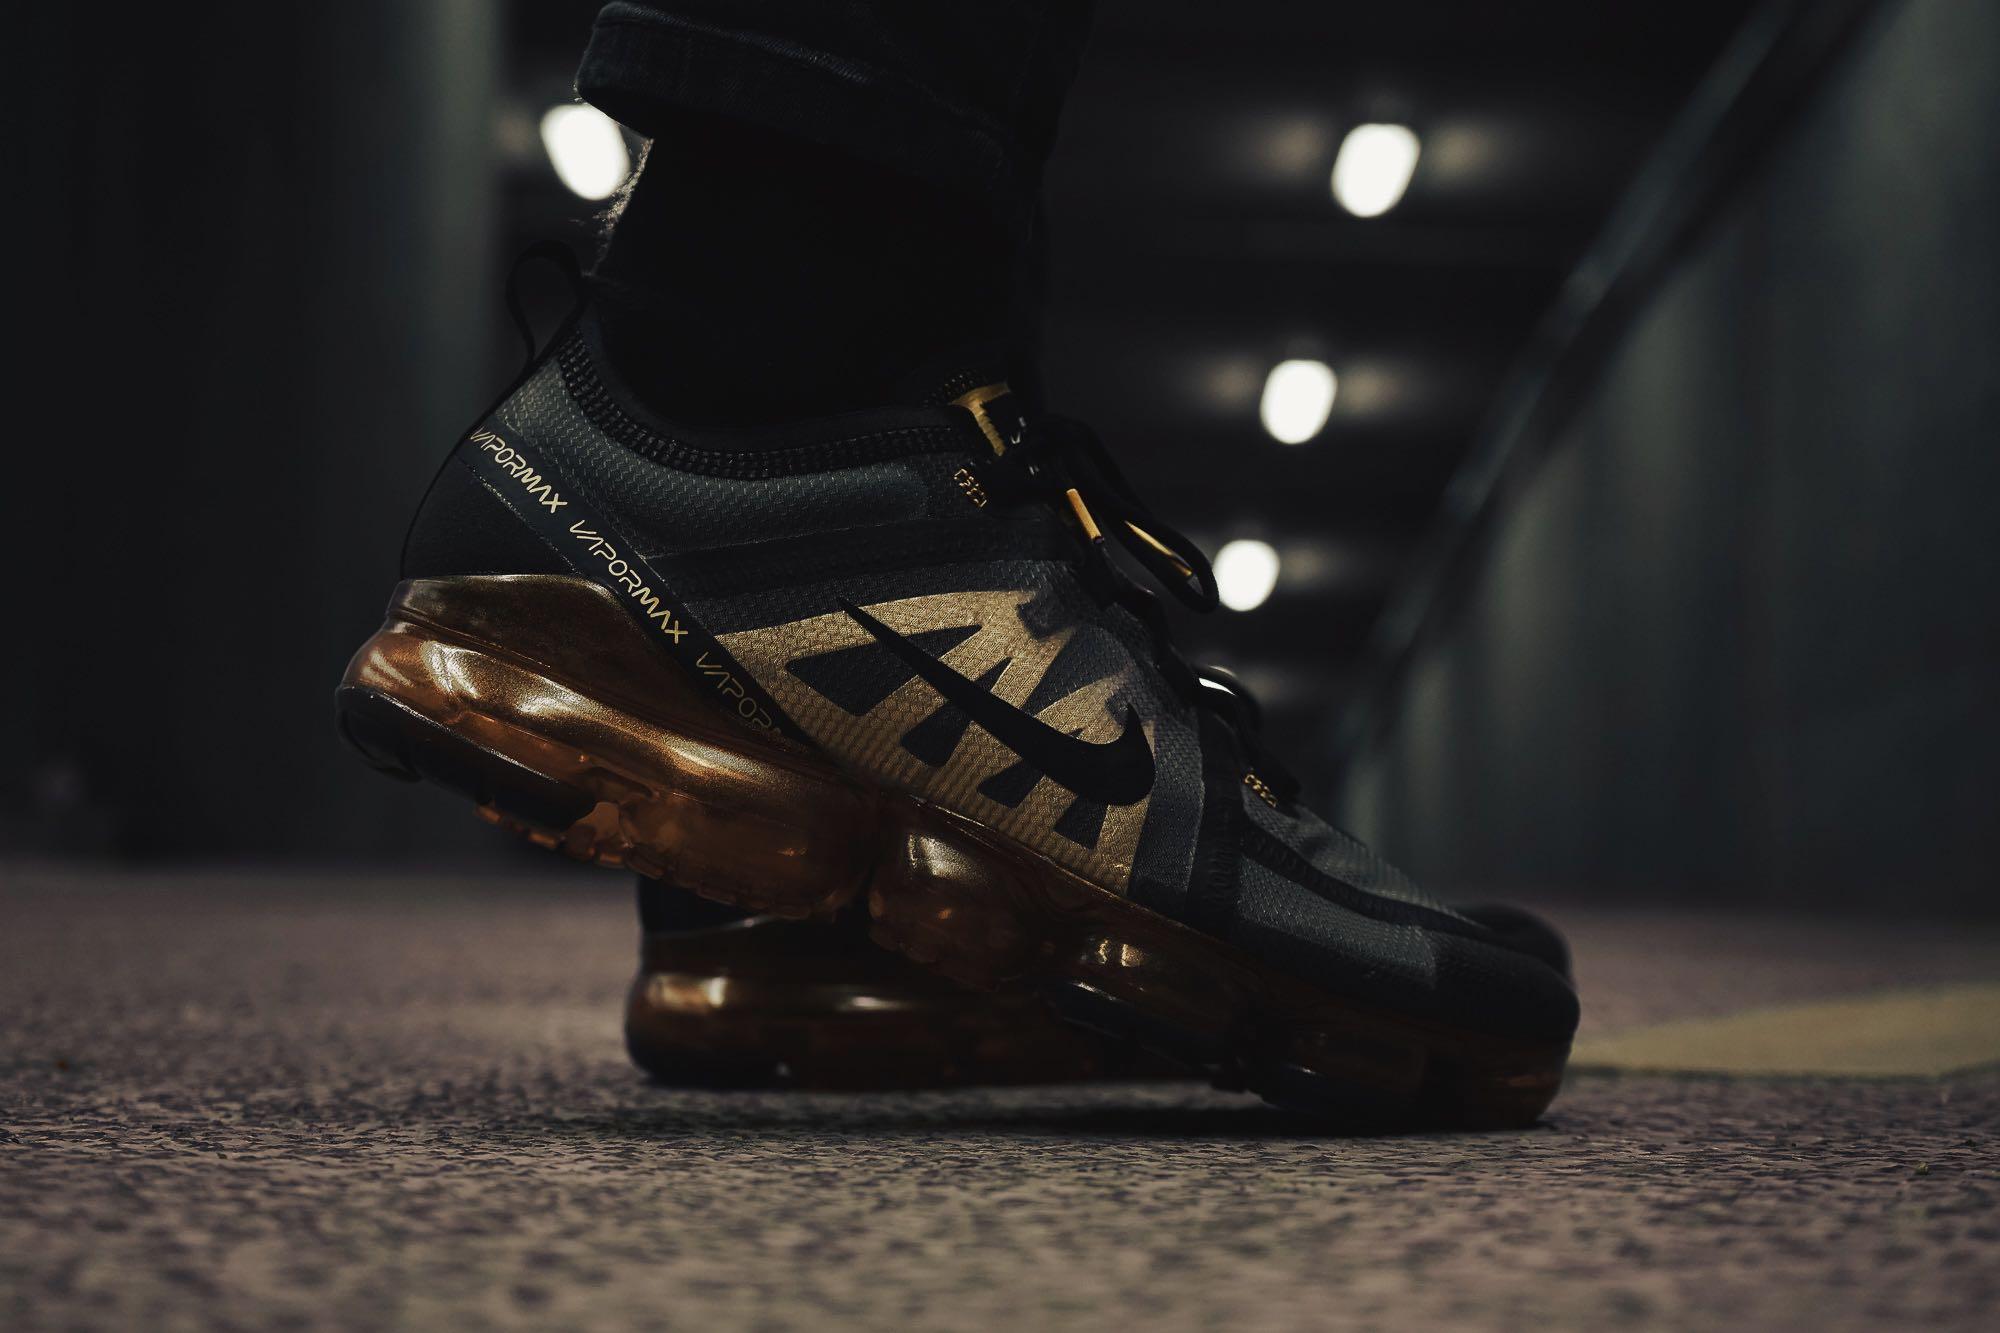 NIKE AIR VAPORMAX 2019 Nike air vapor max 2019 sneakers men black AR6631 002